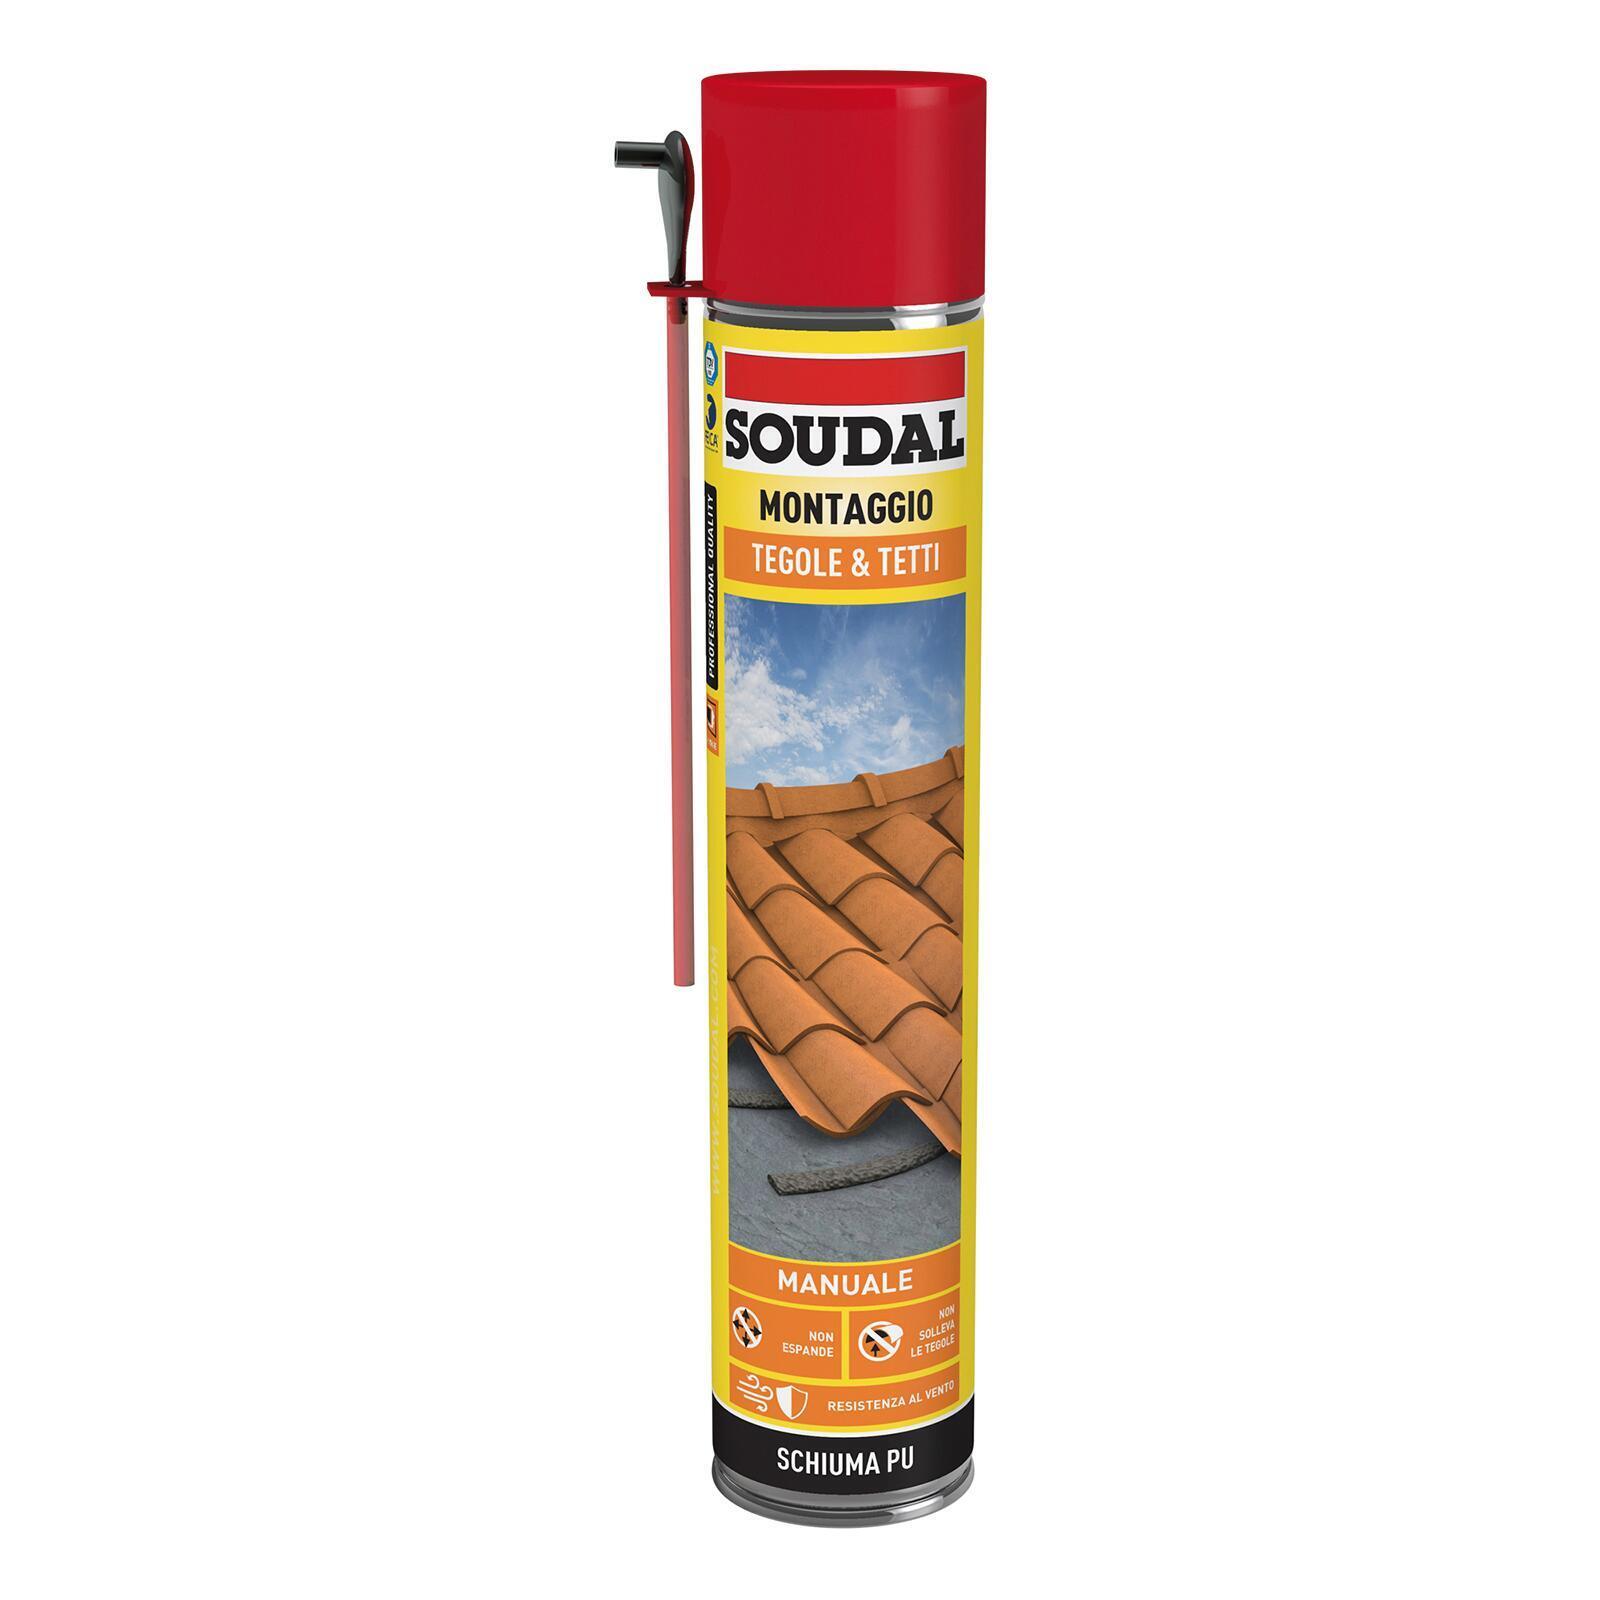 Schiuma poliuretanica SOUDAL Tetti e tegole grigio per tegola 0,75 ml - 3